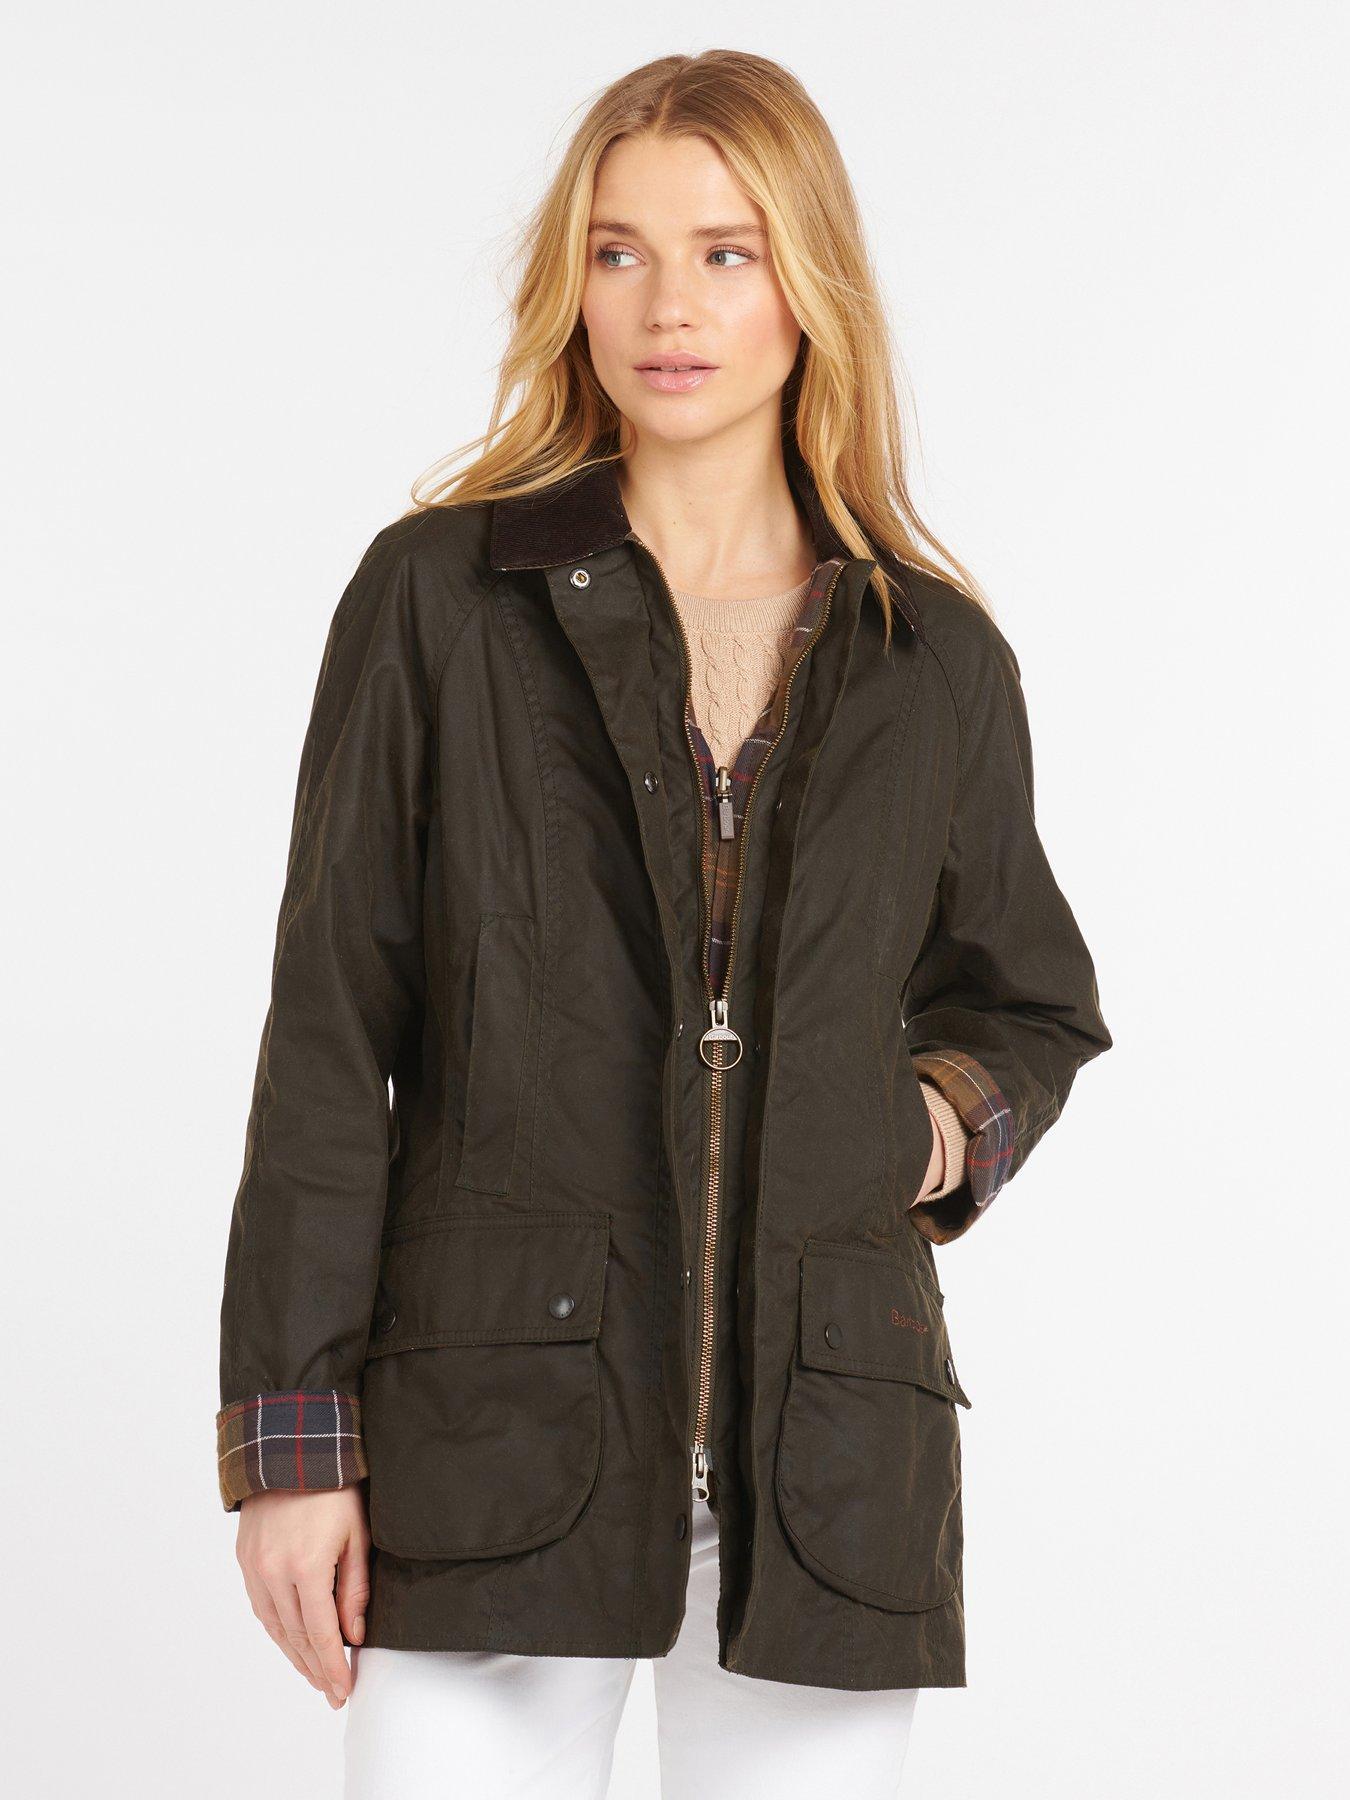 barbour jackets ireland